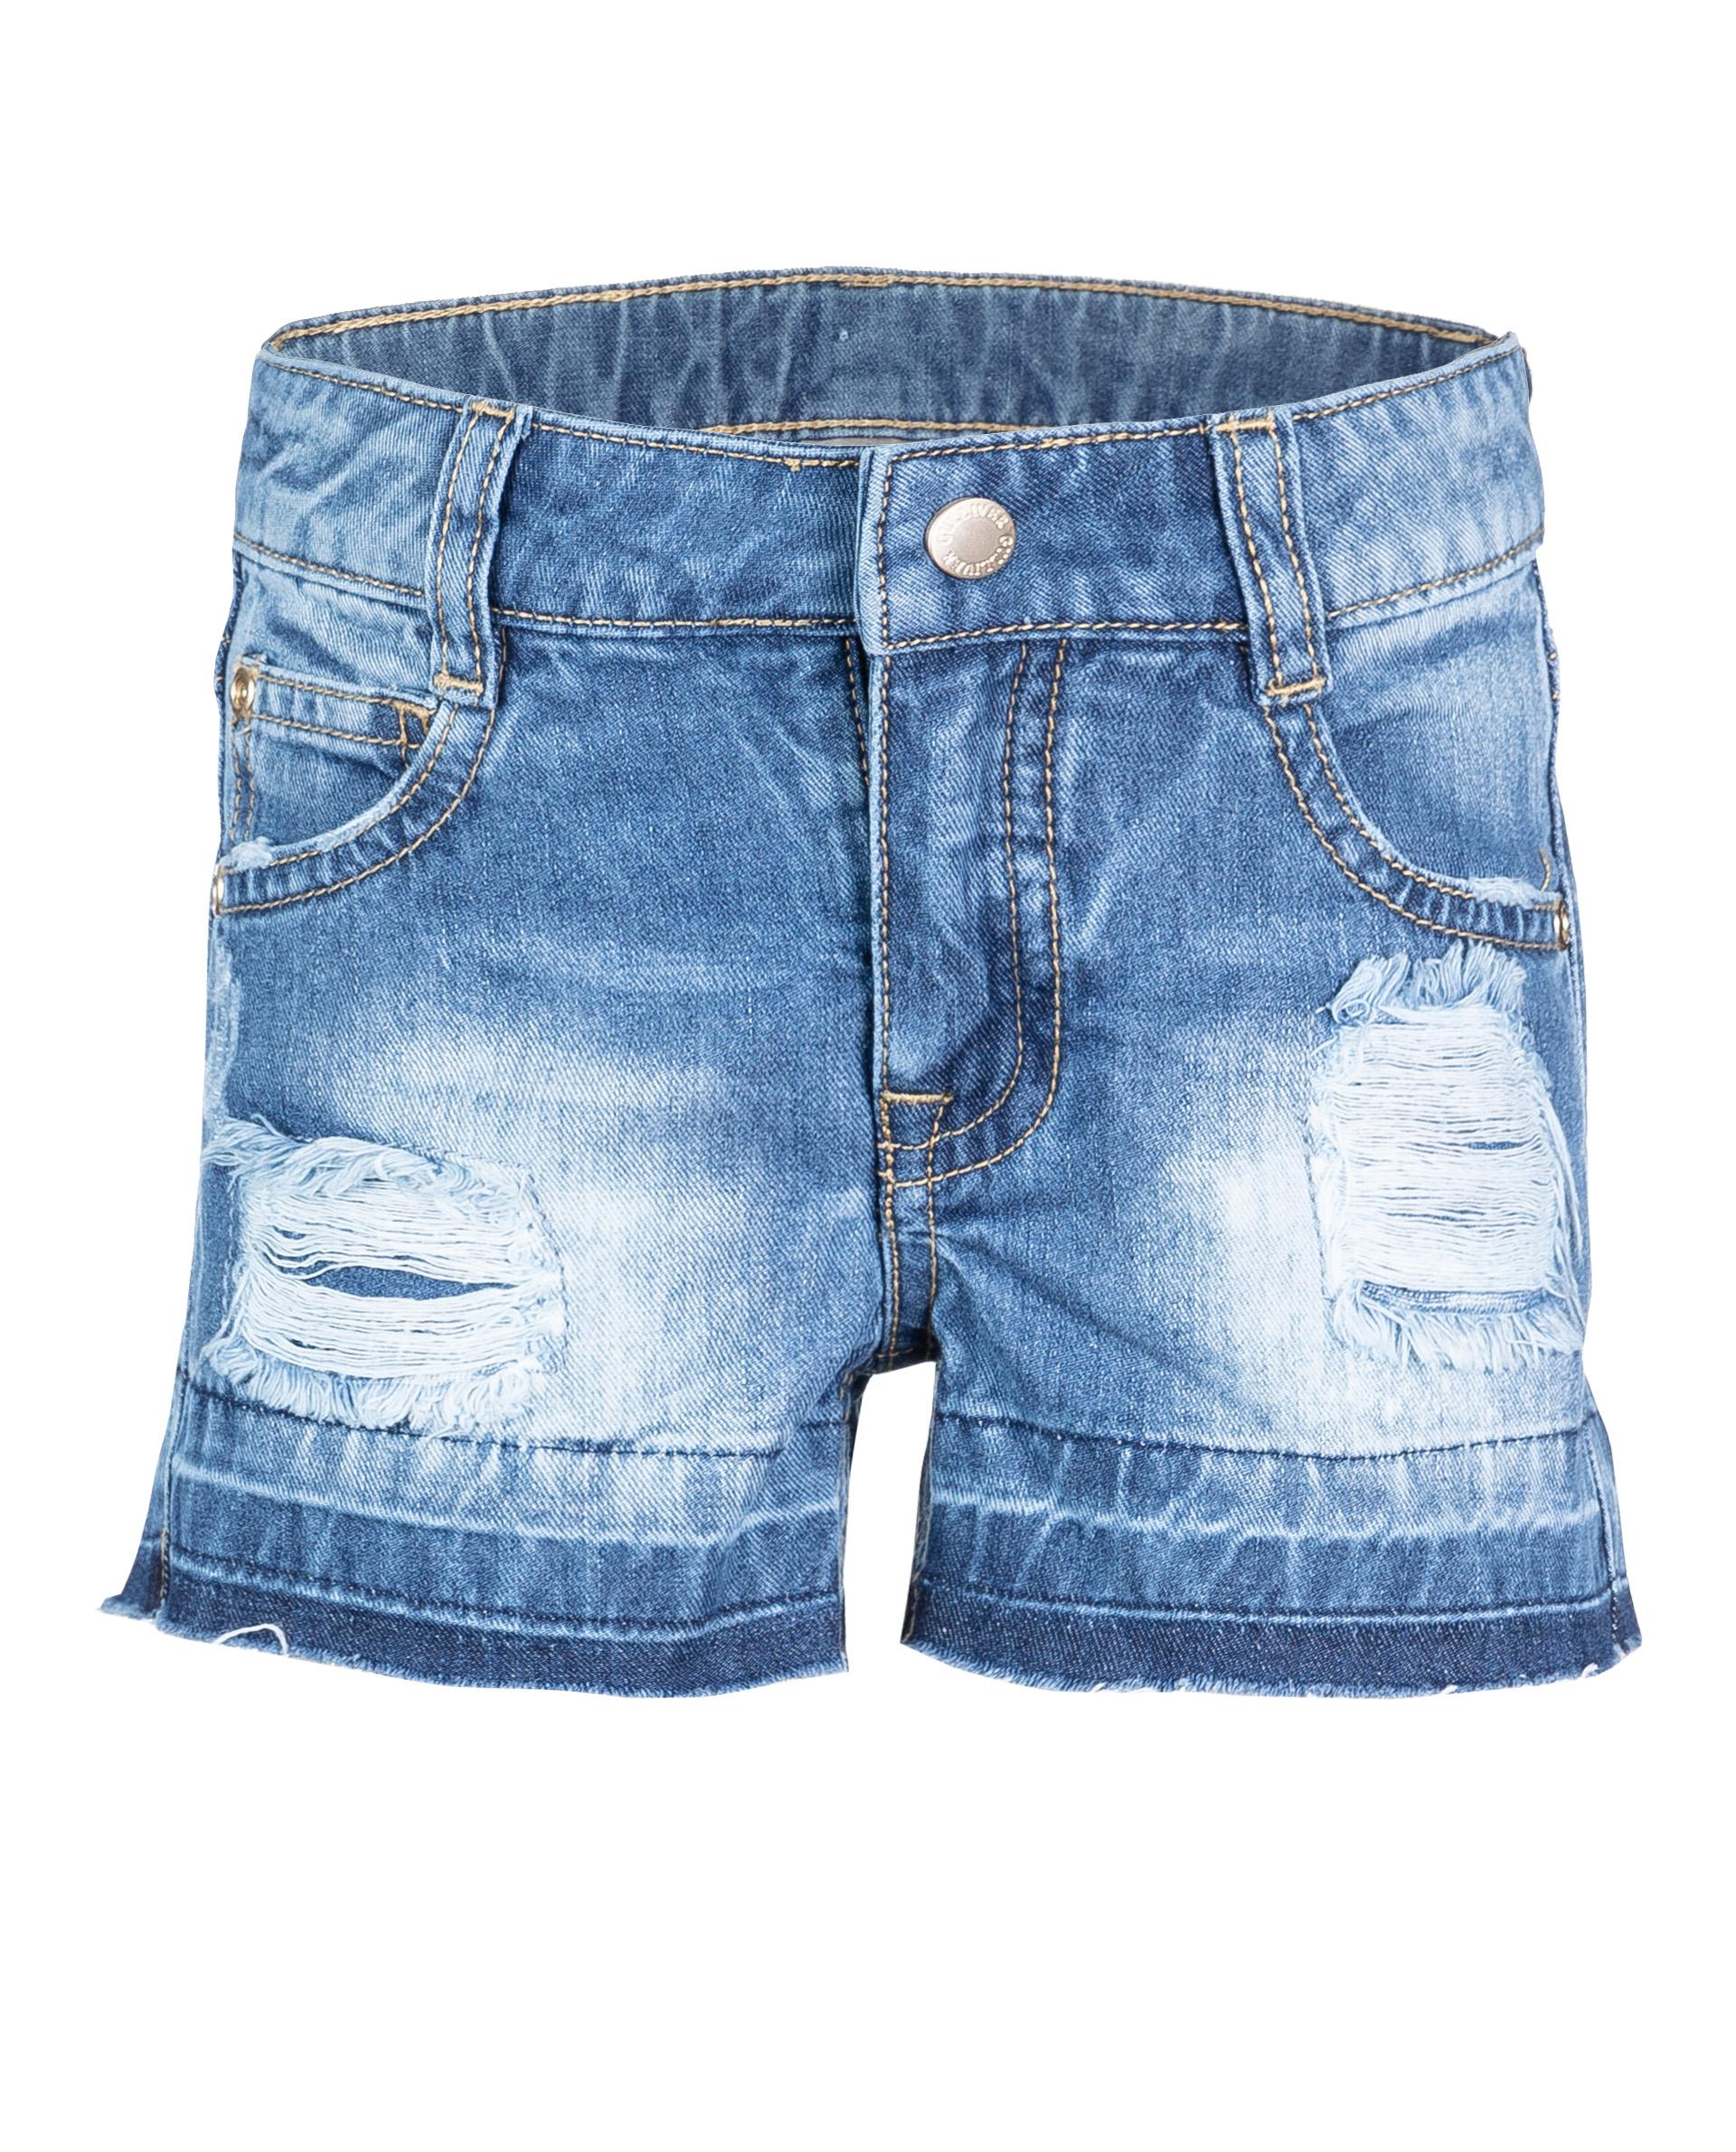 Купить 11902GMC6001, Синие джинсовые шорты Gulliver, синий, 110, Женский, ВЕСНА/ЛЕТО 2019 (shop: GulliverMarket Gulliver Market)